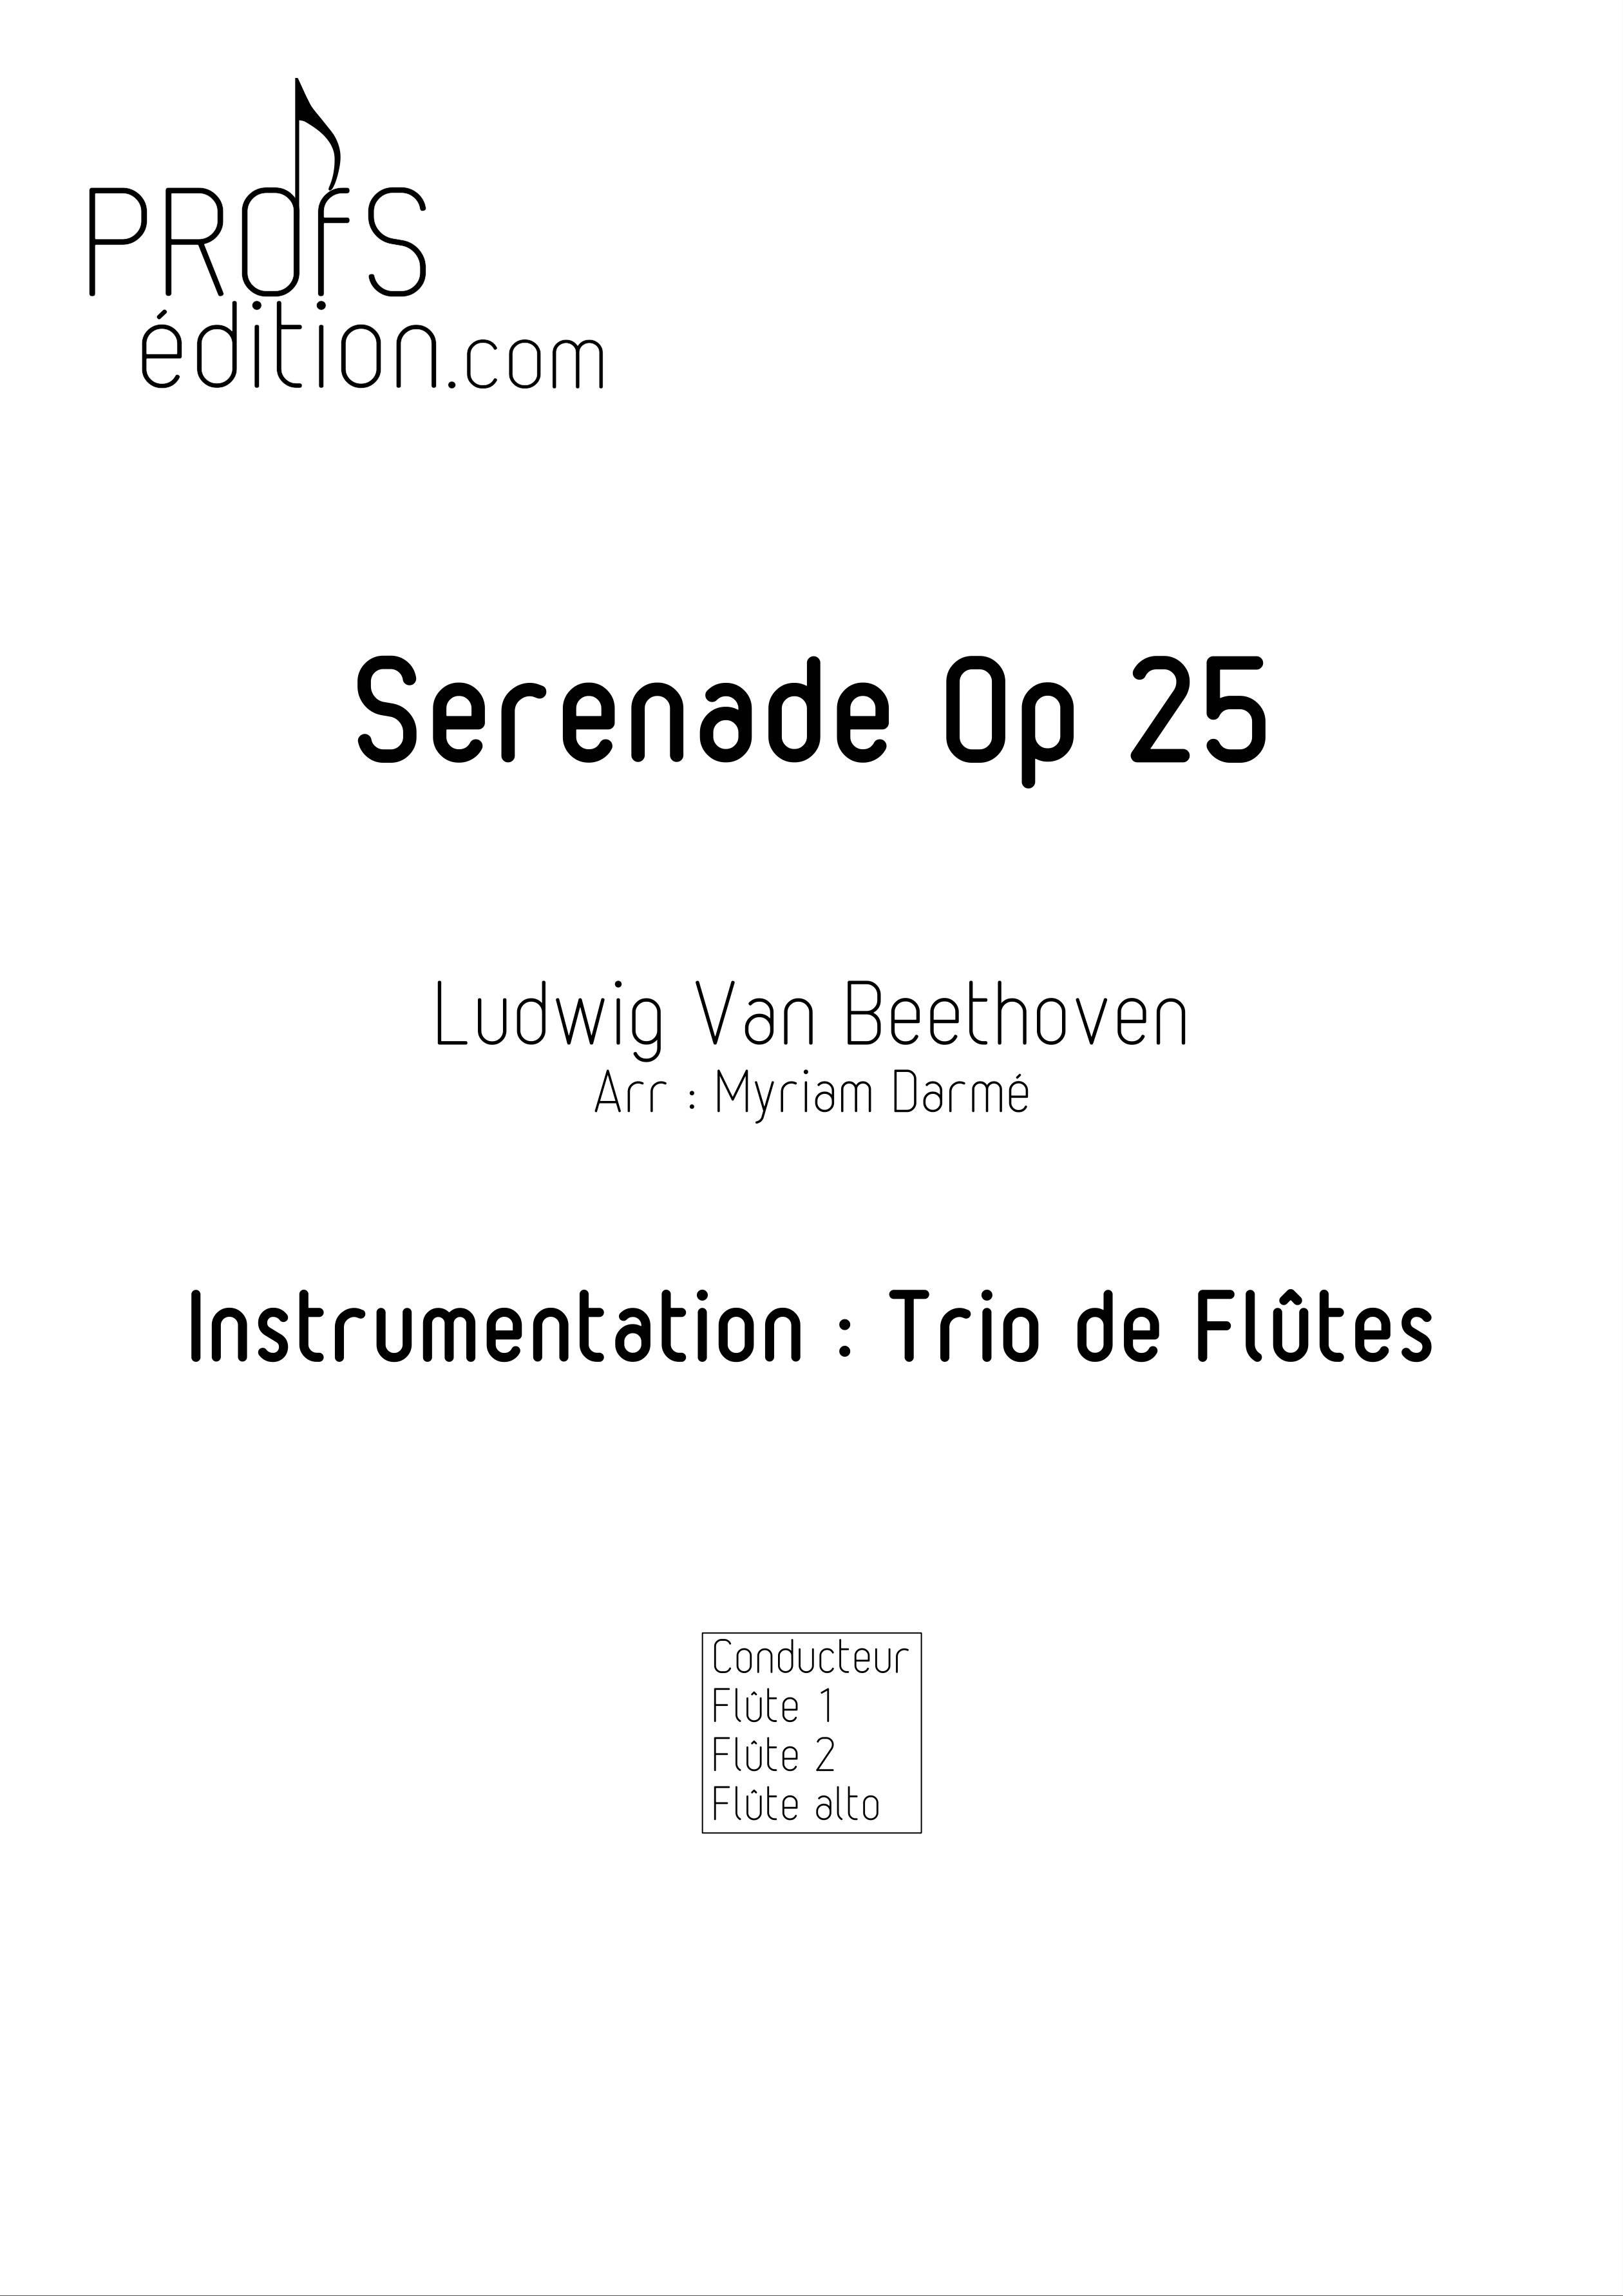 Serenade Op 25 - Trio de Flûtes - BEETHOVEN L. V. - page de garde